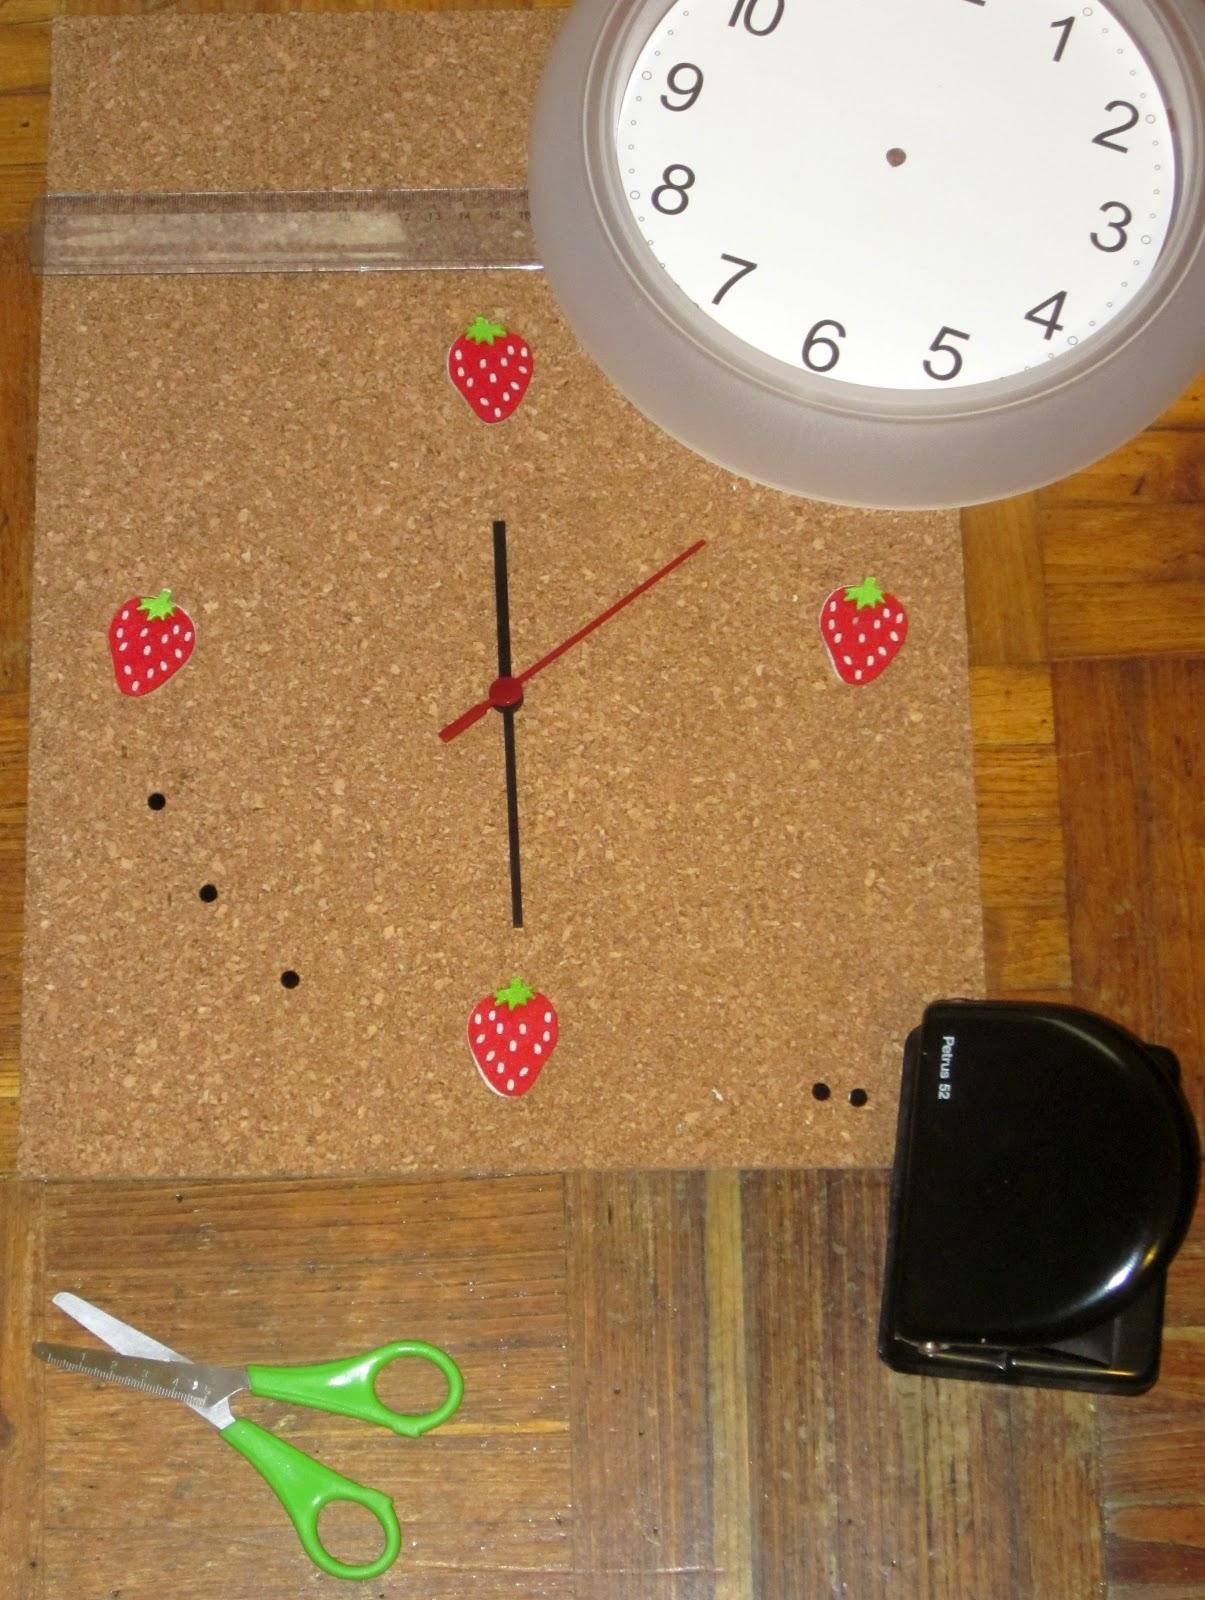 Whitebluewhite reloj de corcho con fresas - Mecanismo reloj pared ikea ...